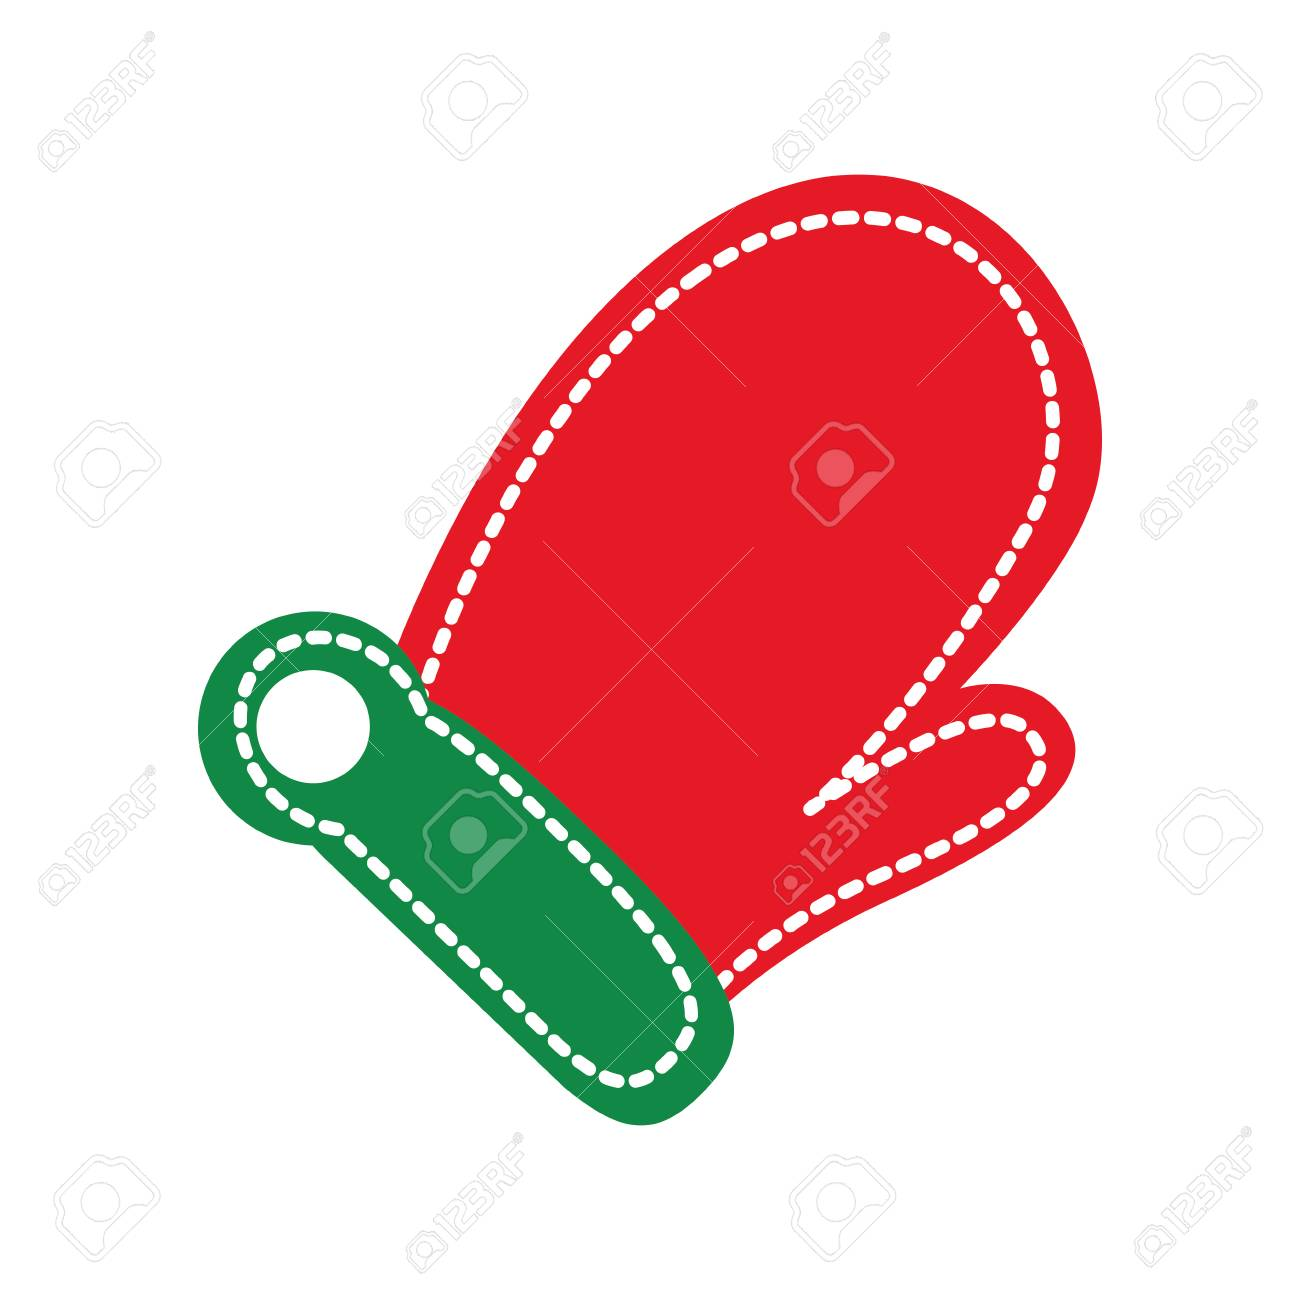 ミトン手袋クリスマス アイコン画像ベクトル イラスト デザインの